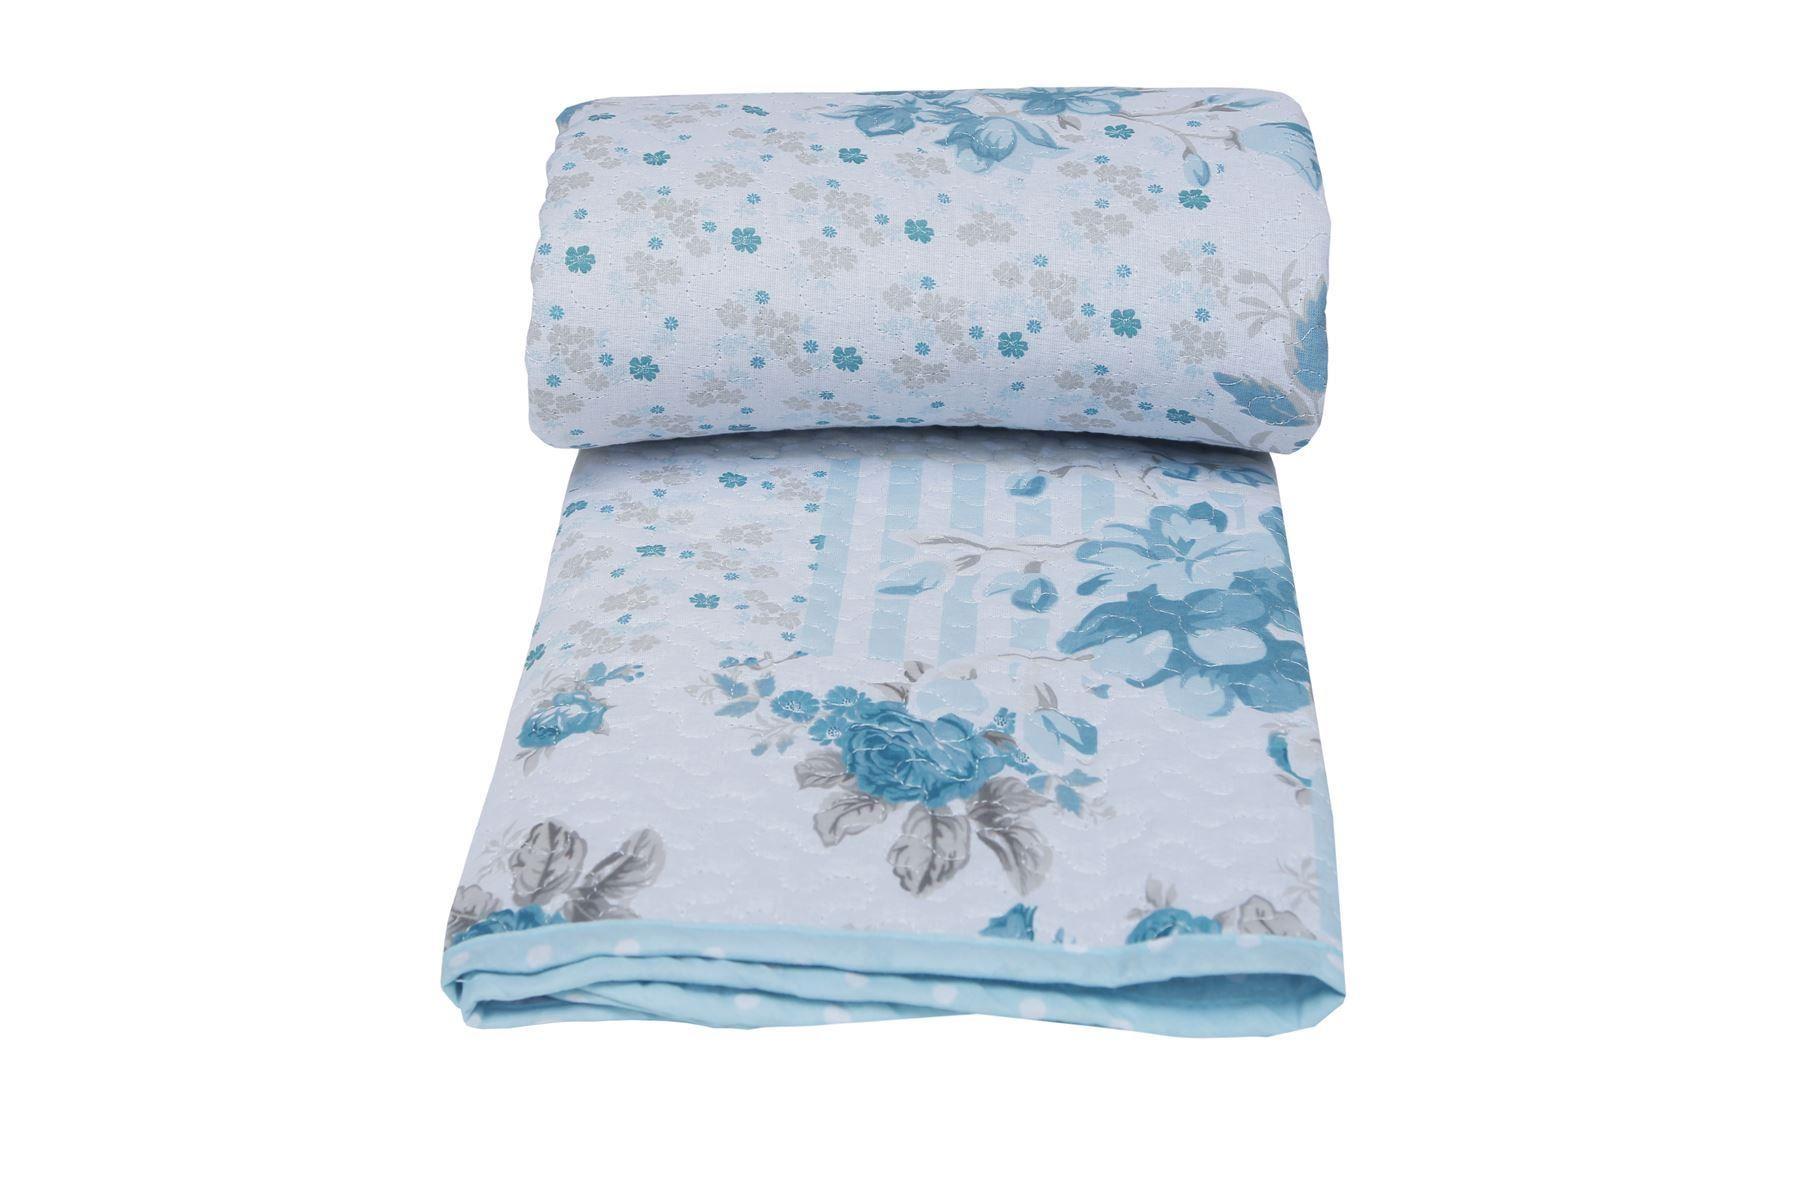 Nuevo-Floral-Rosa-Acolchado-Colcha-100-Algodon-Cobertor-Edredon-En-Relieve-Doble-King miniatura 8